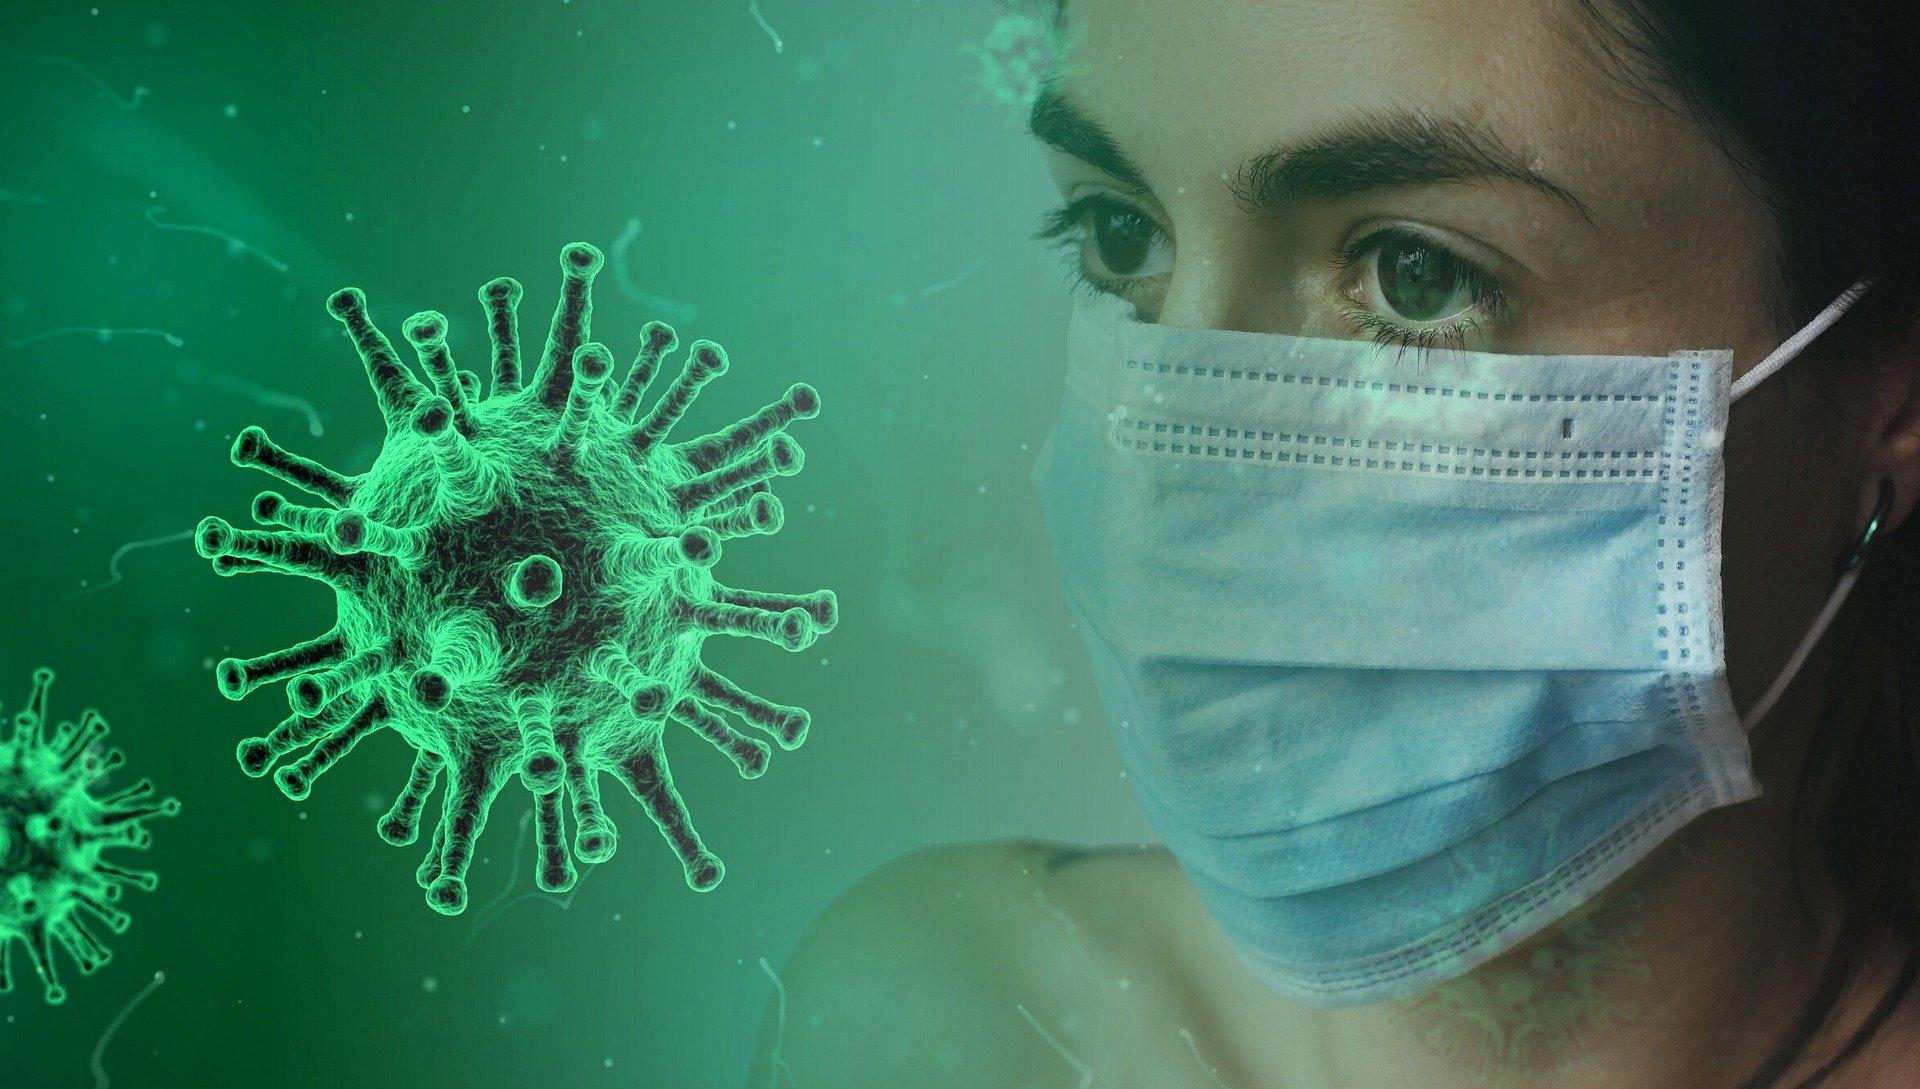 The Corona Virus and Me